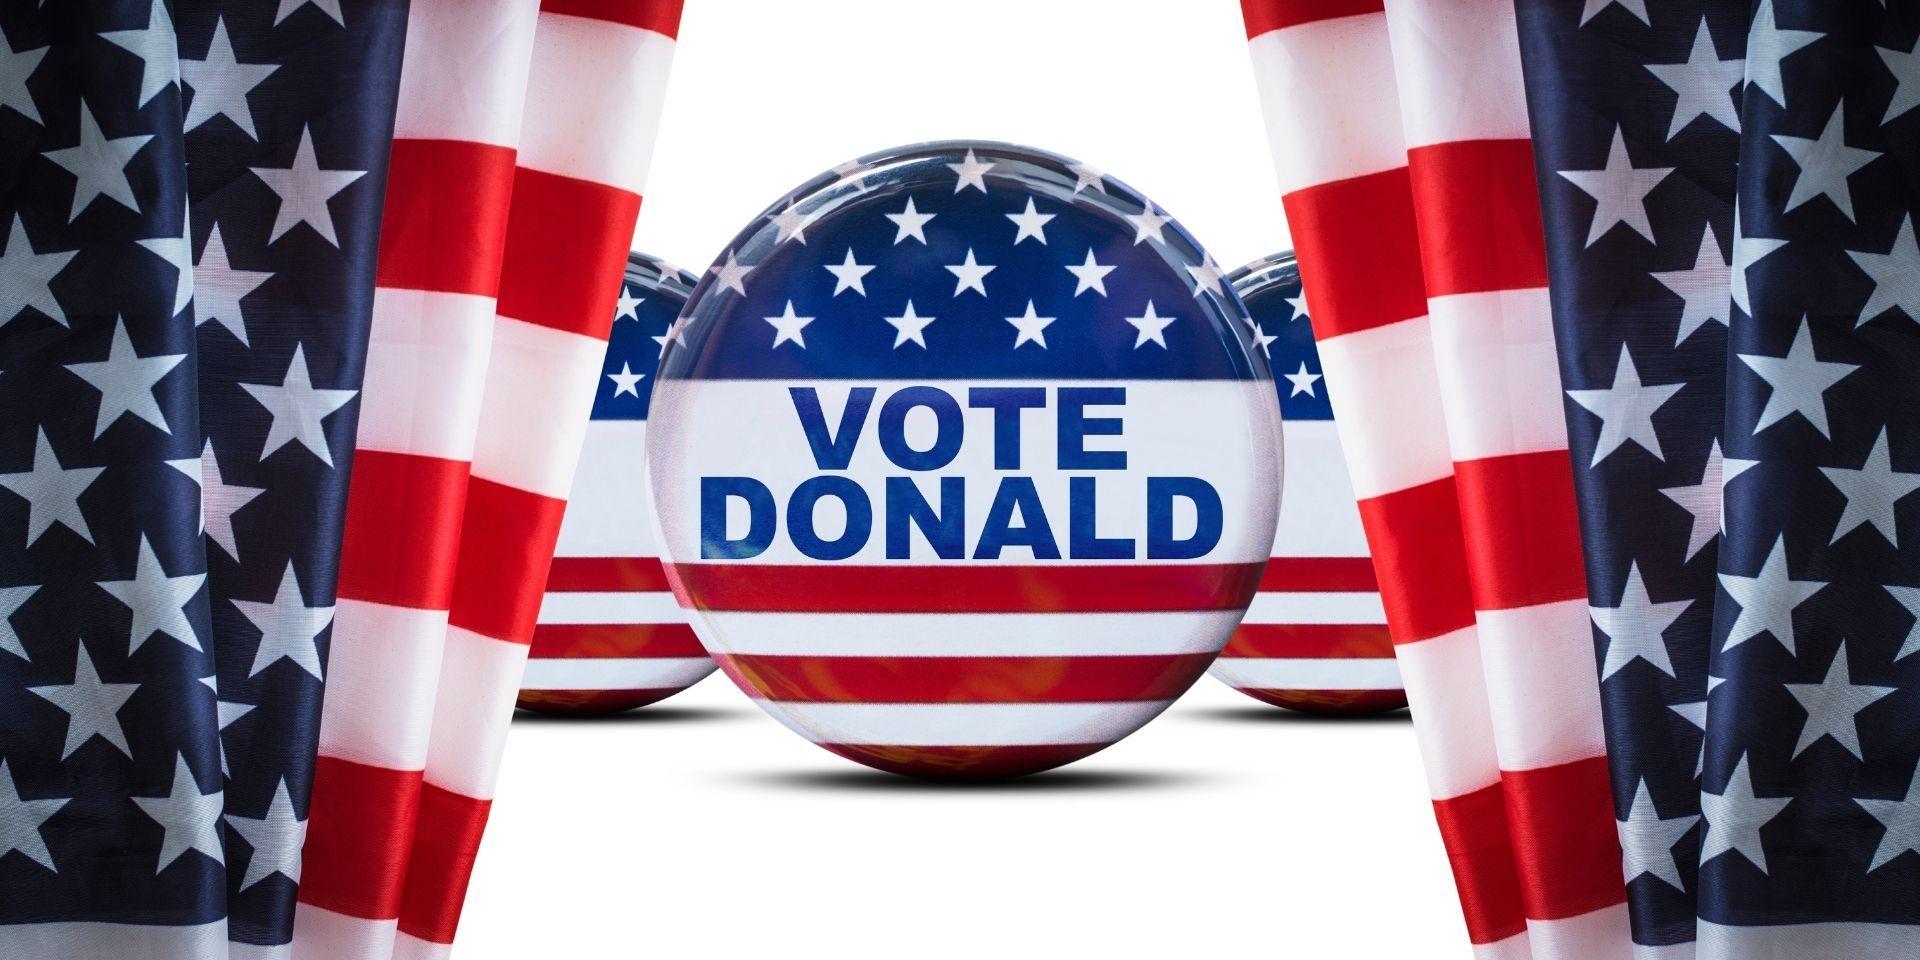 INISEG desclasifica nuevas estrategias políticas de las elecciones de U.S.A. junto a Líderes Políticos